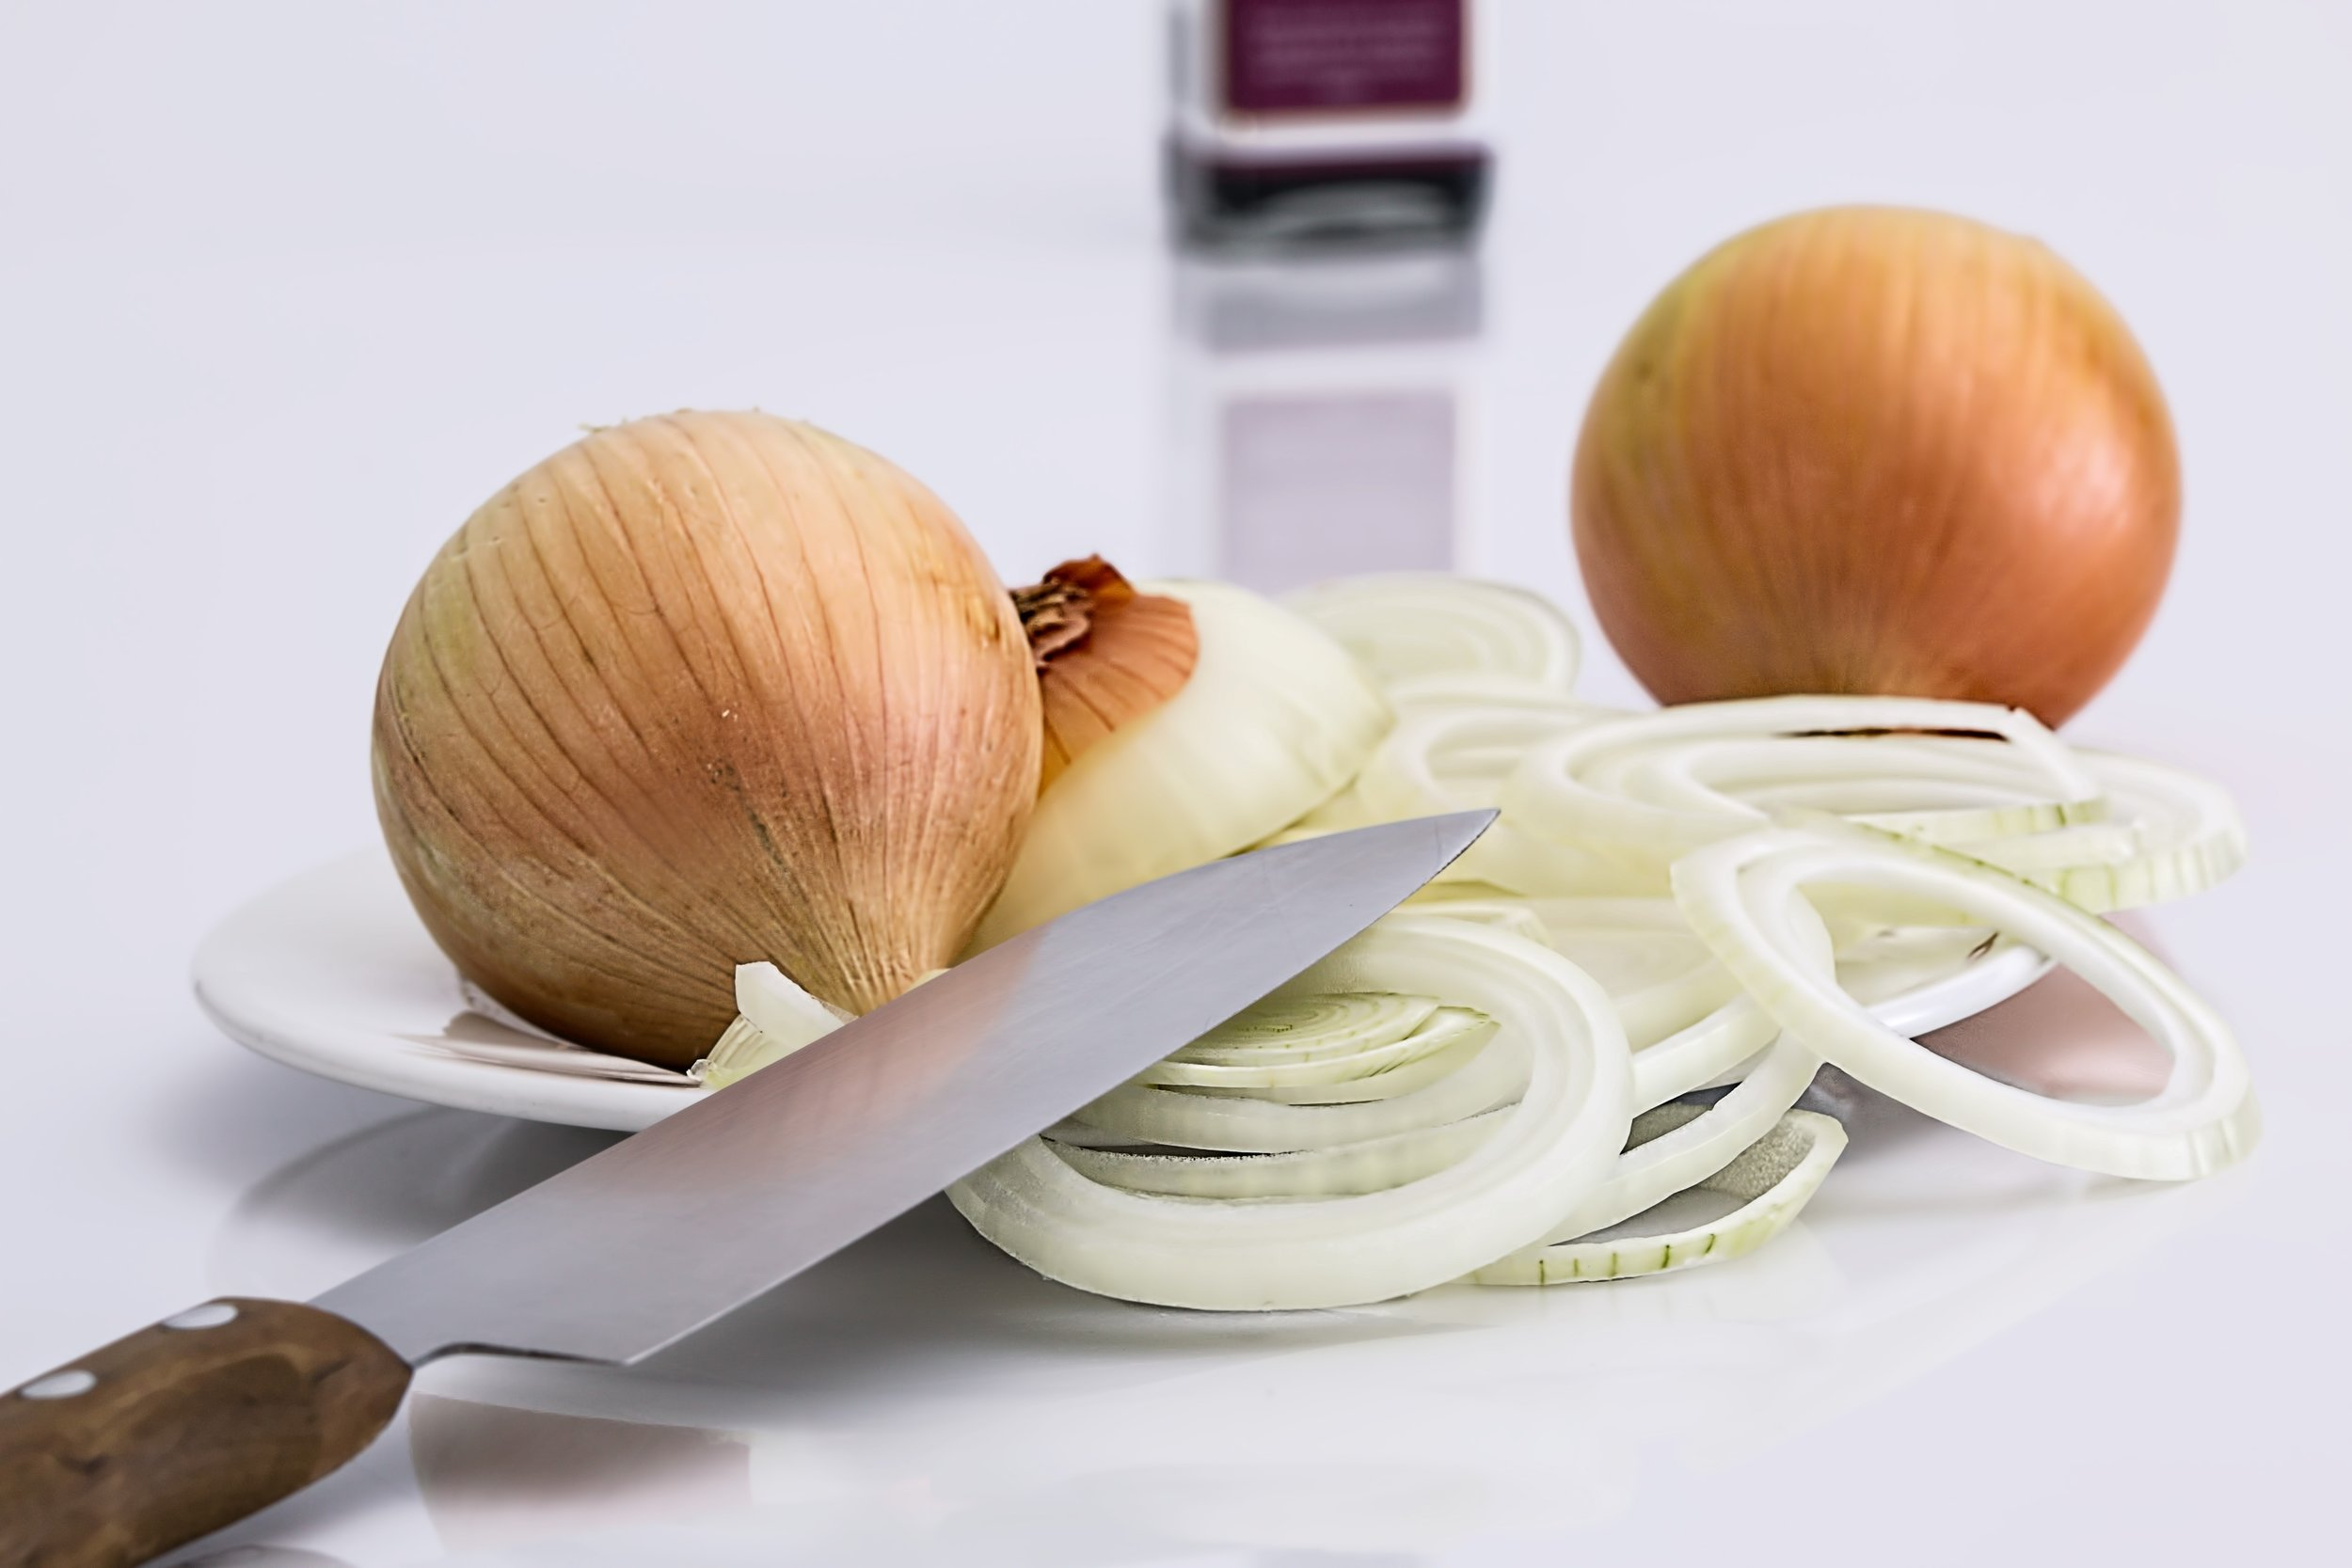 onion-slice-knife-food-37912.jpeg